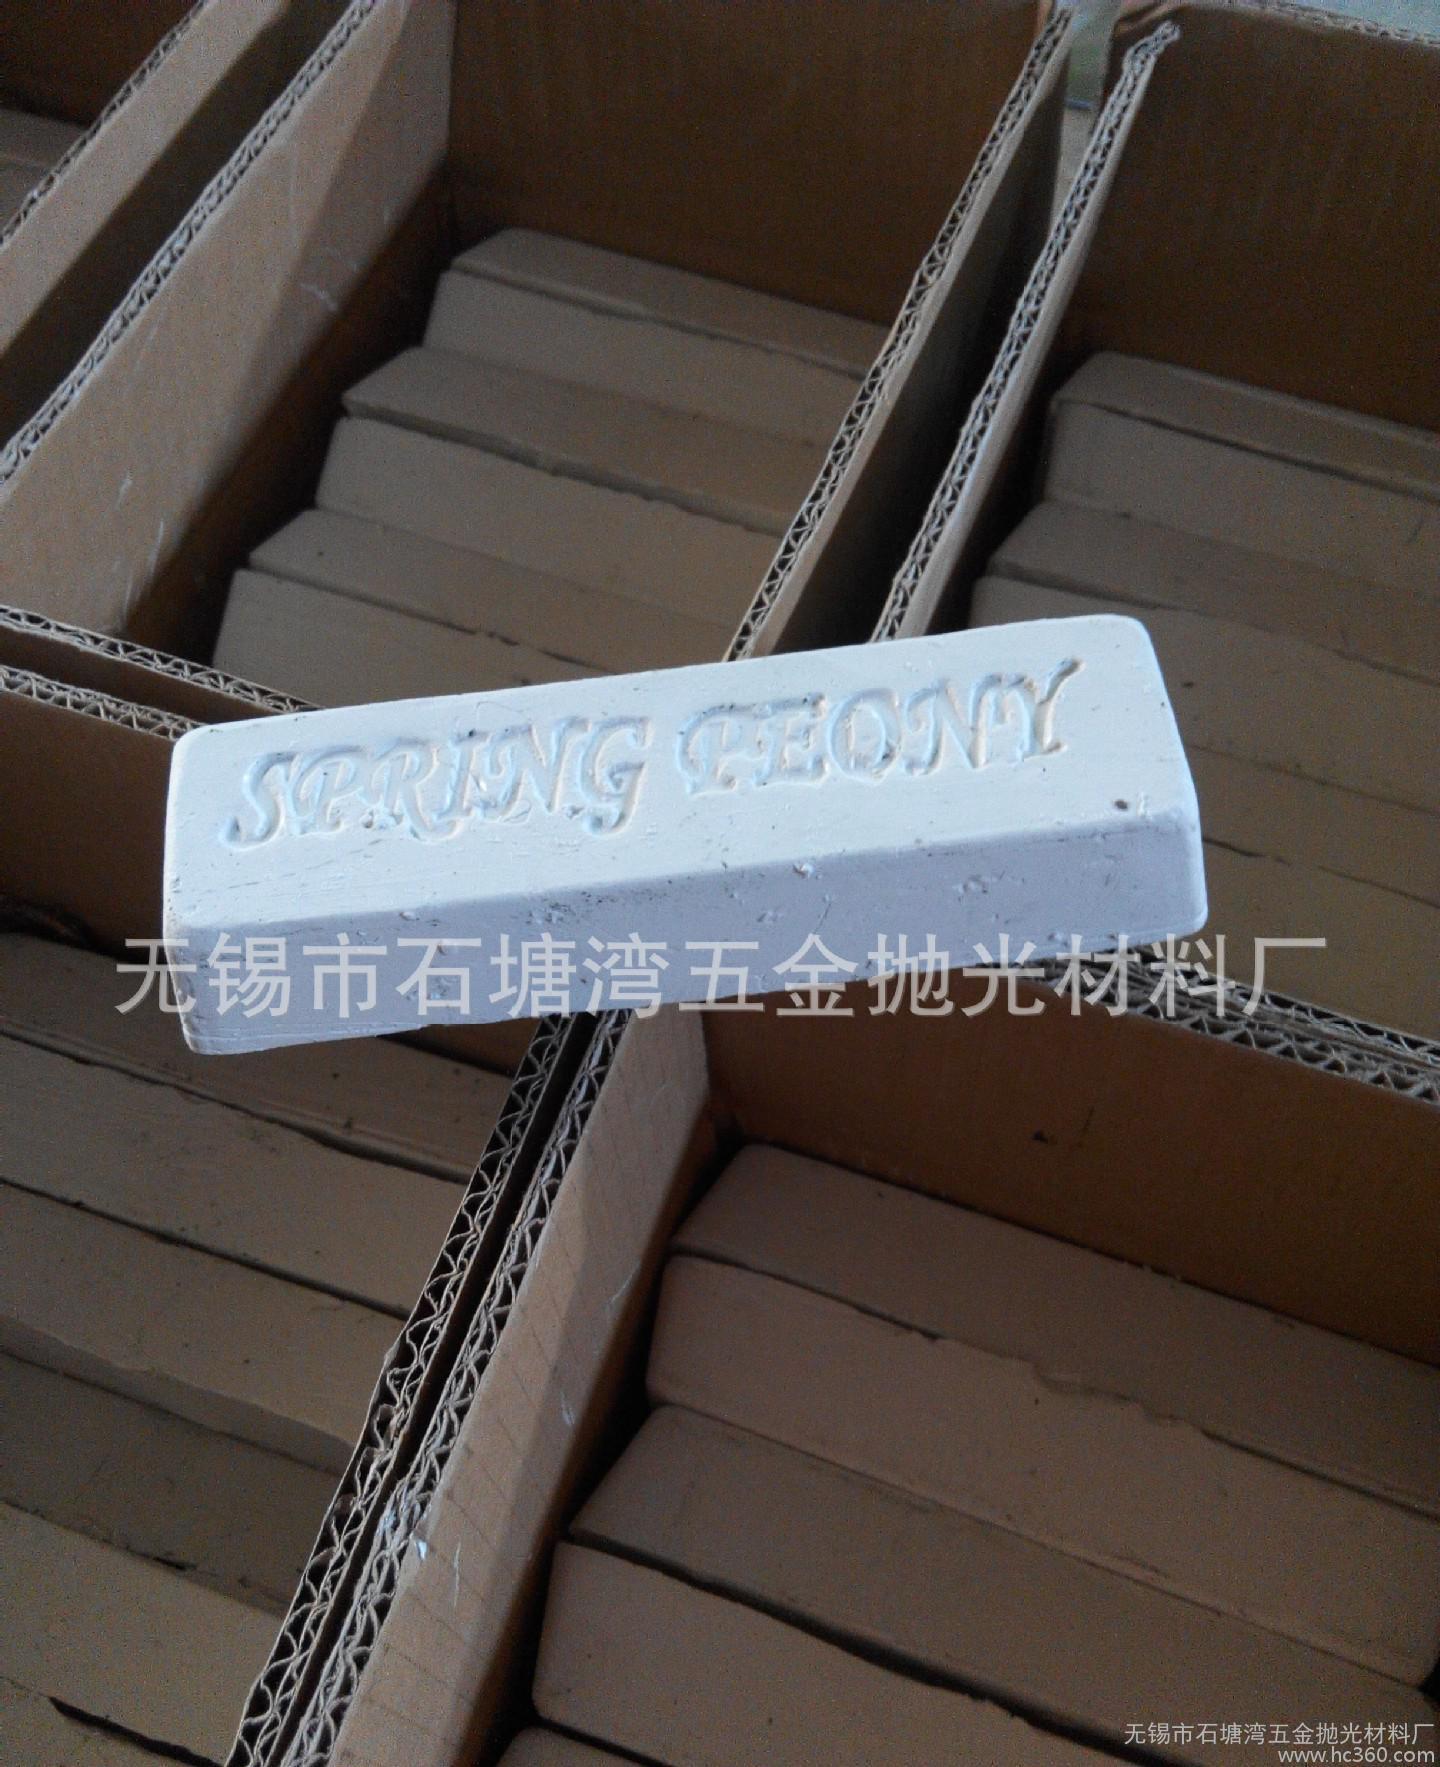 特价#801牡丹白腊,大条,白油棒,不锈钢抛光膏,高磨削高光,白色抛光膏,白蜡,麻轮抛光蜡